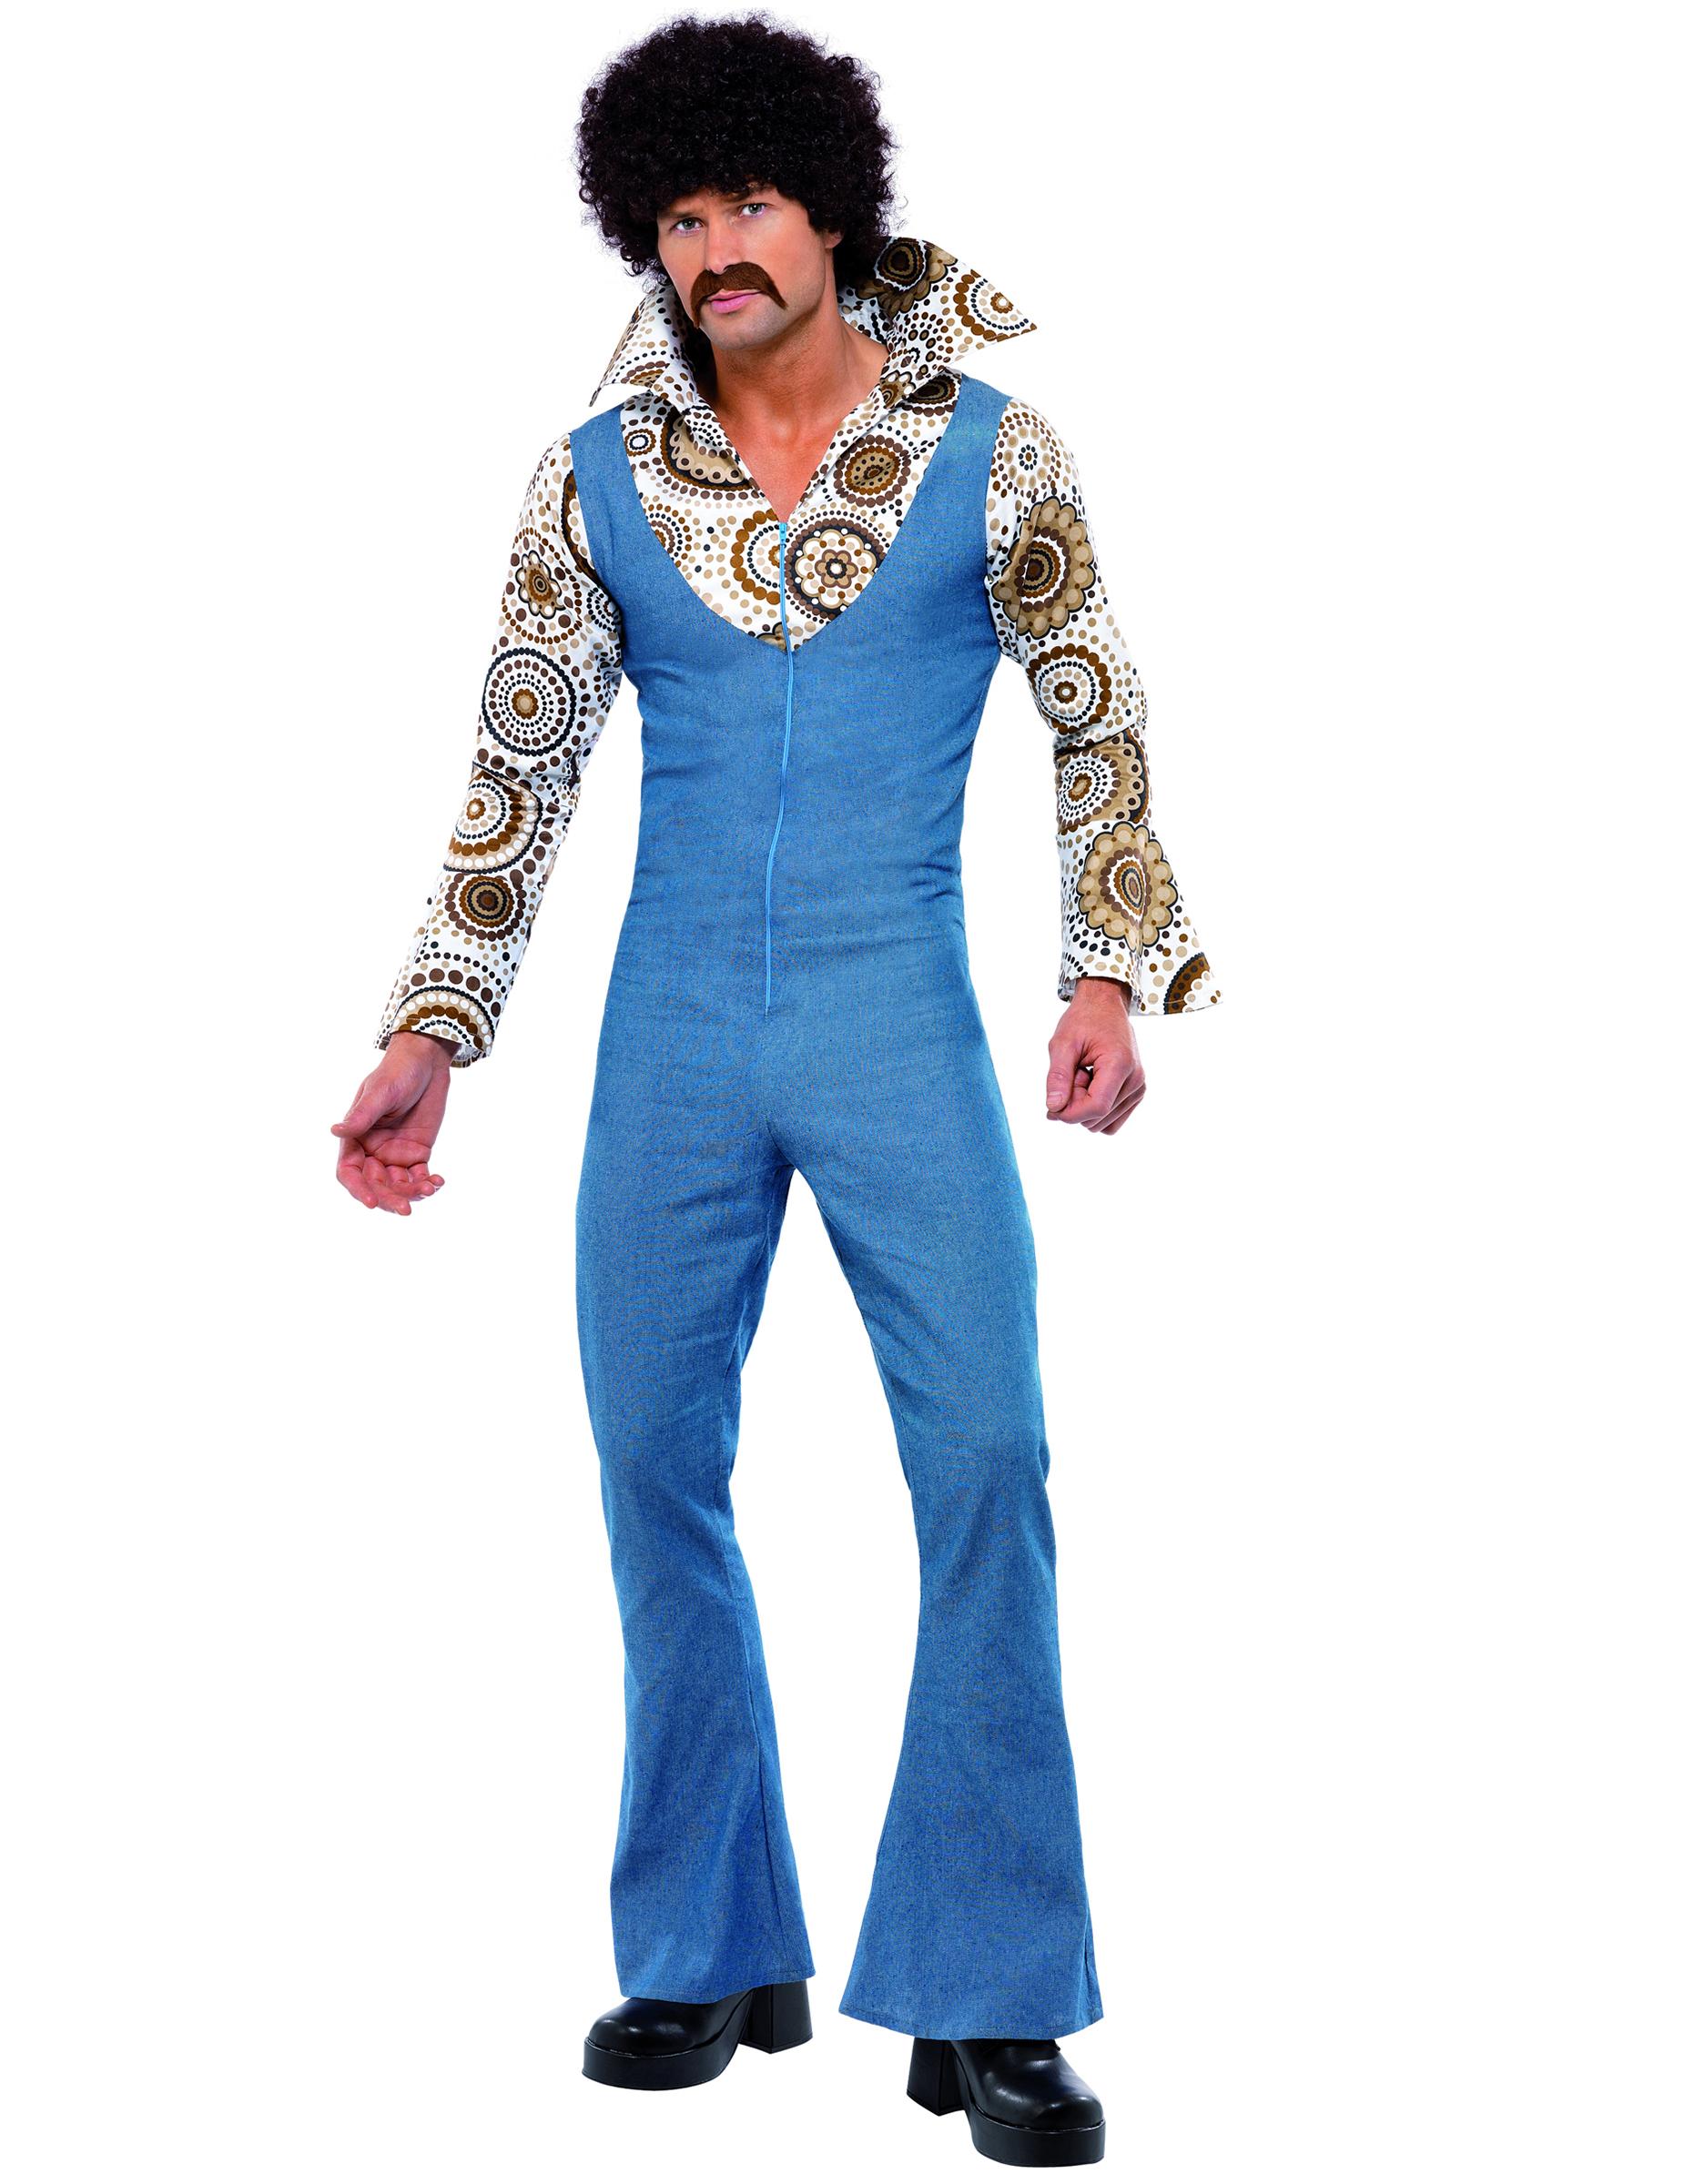 disco t nzer kost m 70er jahre blau bunt g nstige faschings kost me bei karneval megastore. Black Bedroom Furniture Sets. Home Design Ideas